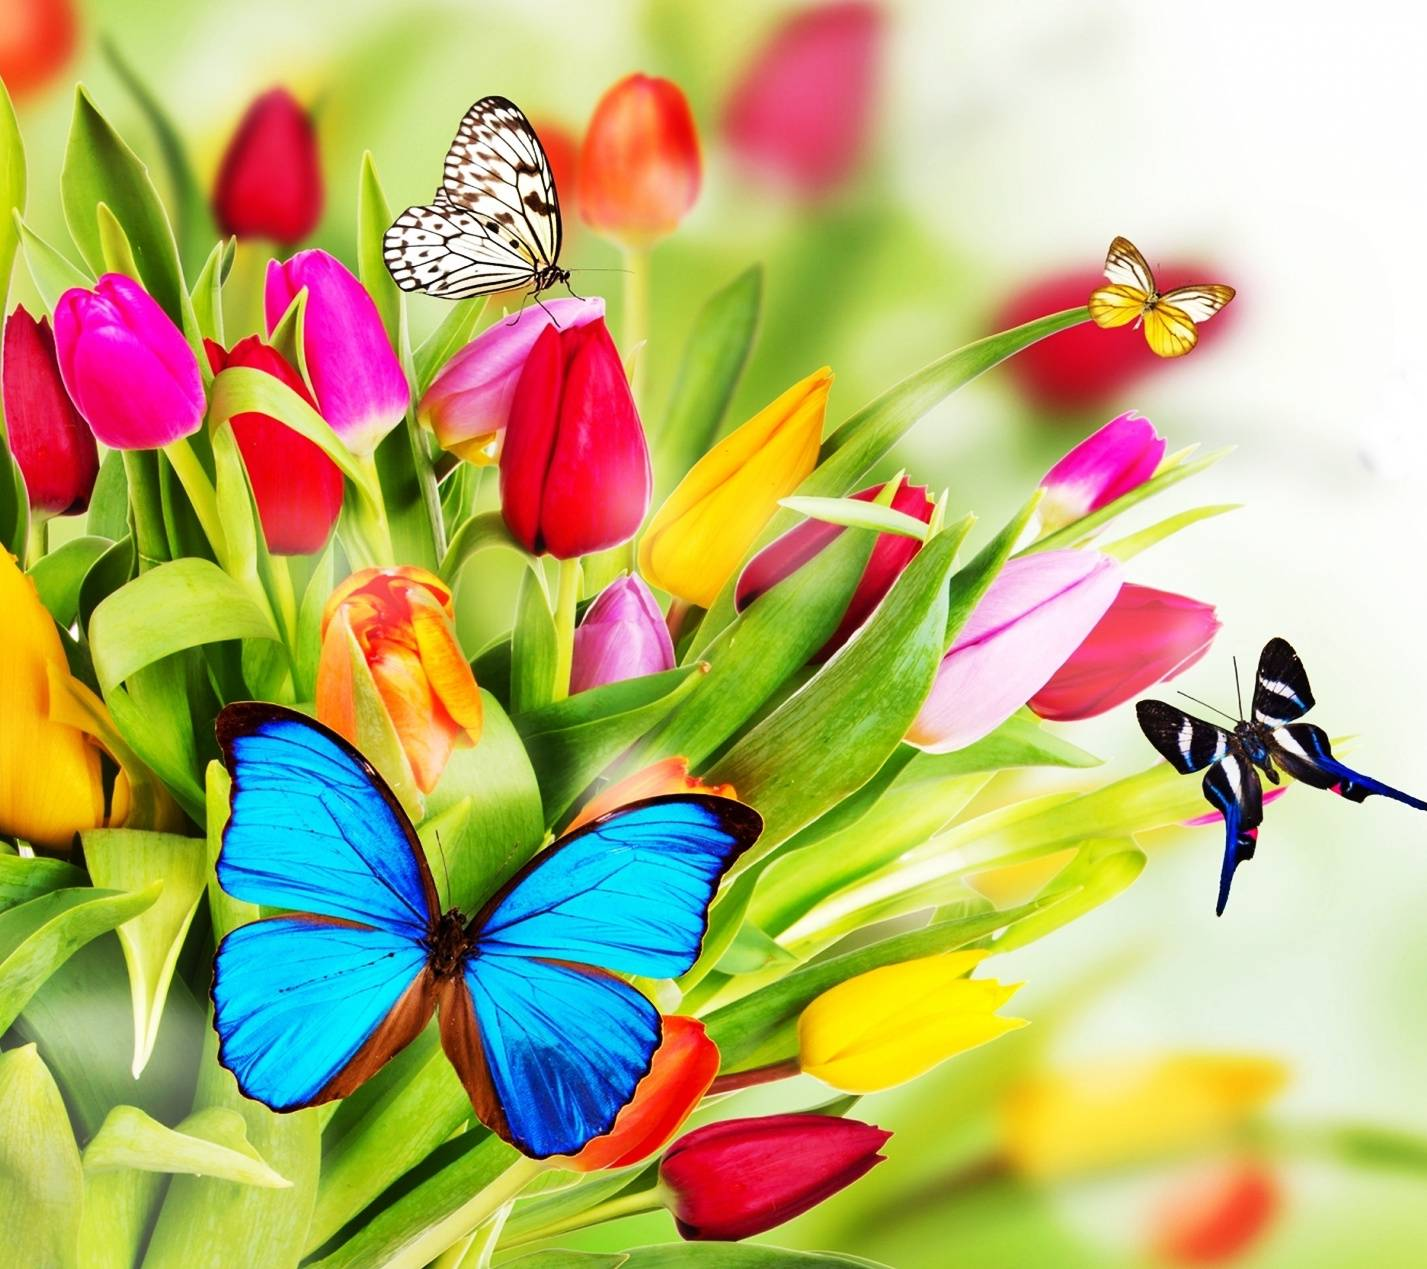 Butterflies Hd Wallpaper By Mr_LazY_